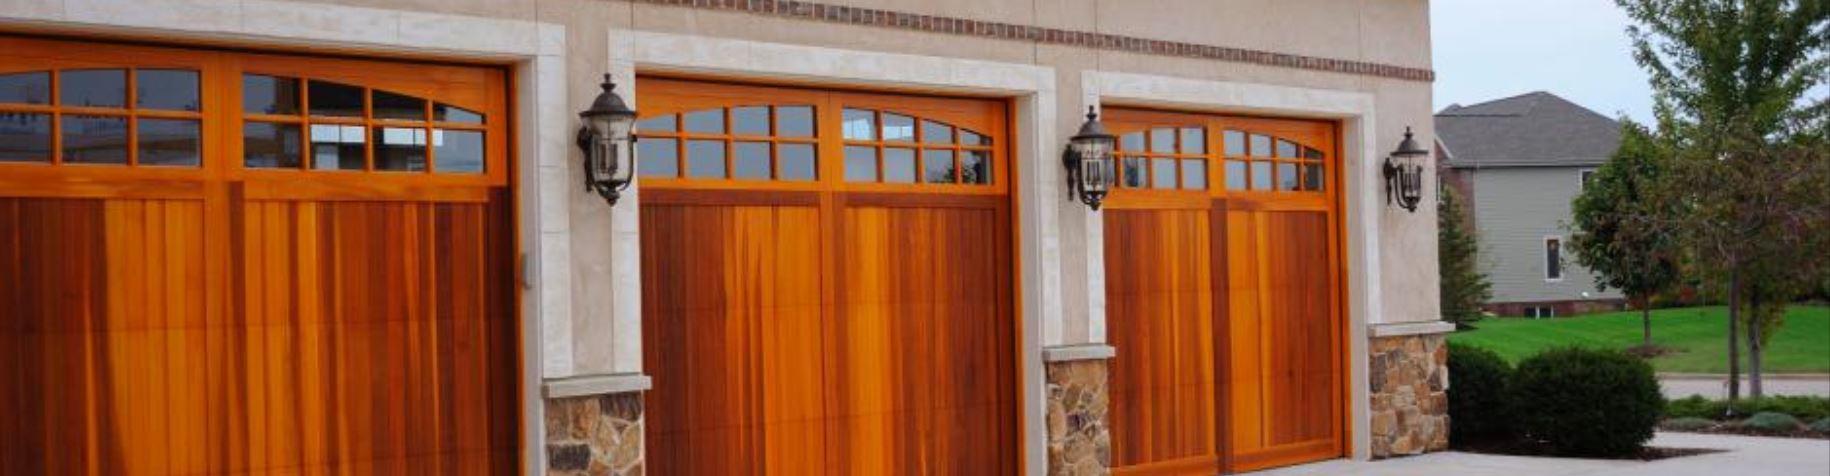 Superbe Garage Door Repair Company Chicago